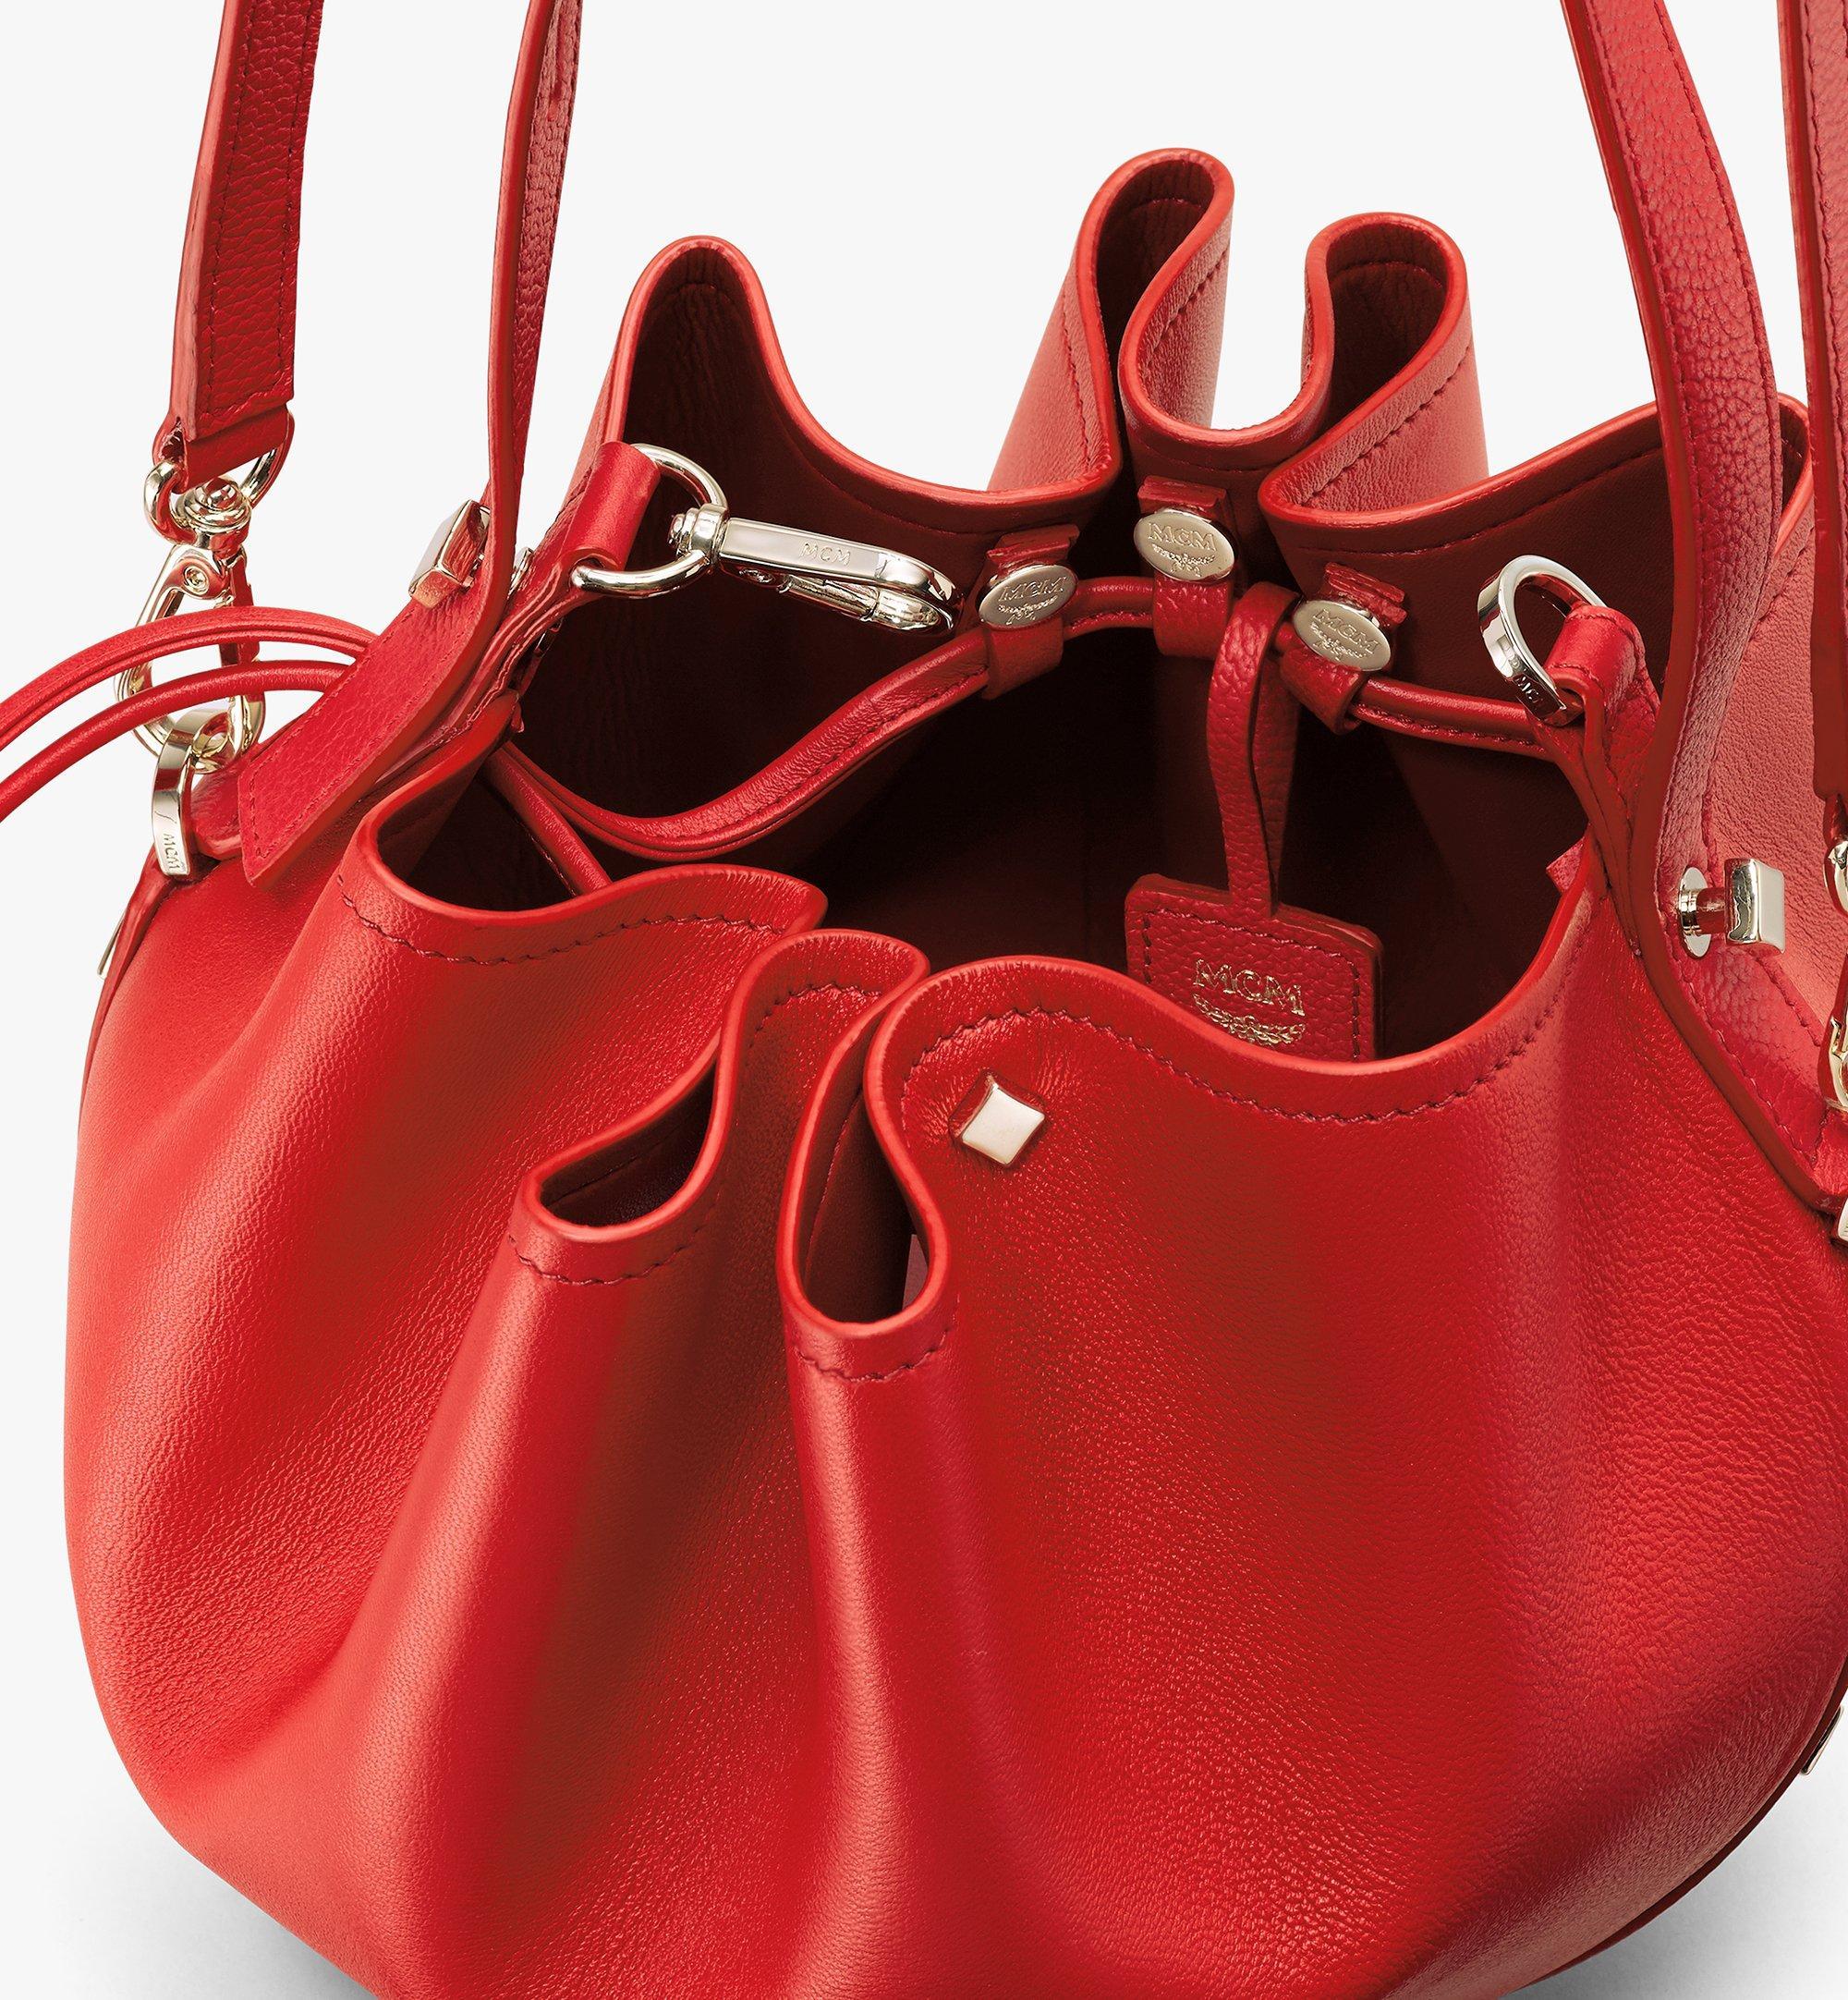 MCM 柔軟皮革糖果束口袋 Red MWDASCY03R4001 更多視圖 3